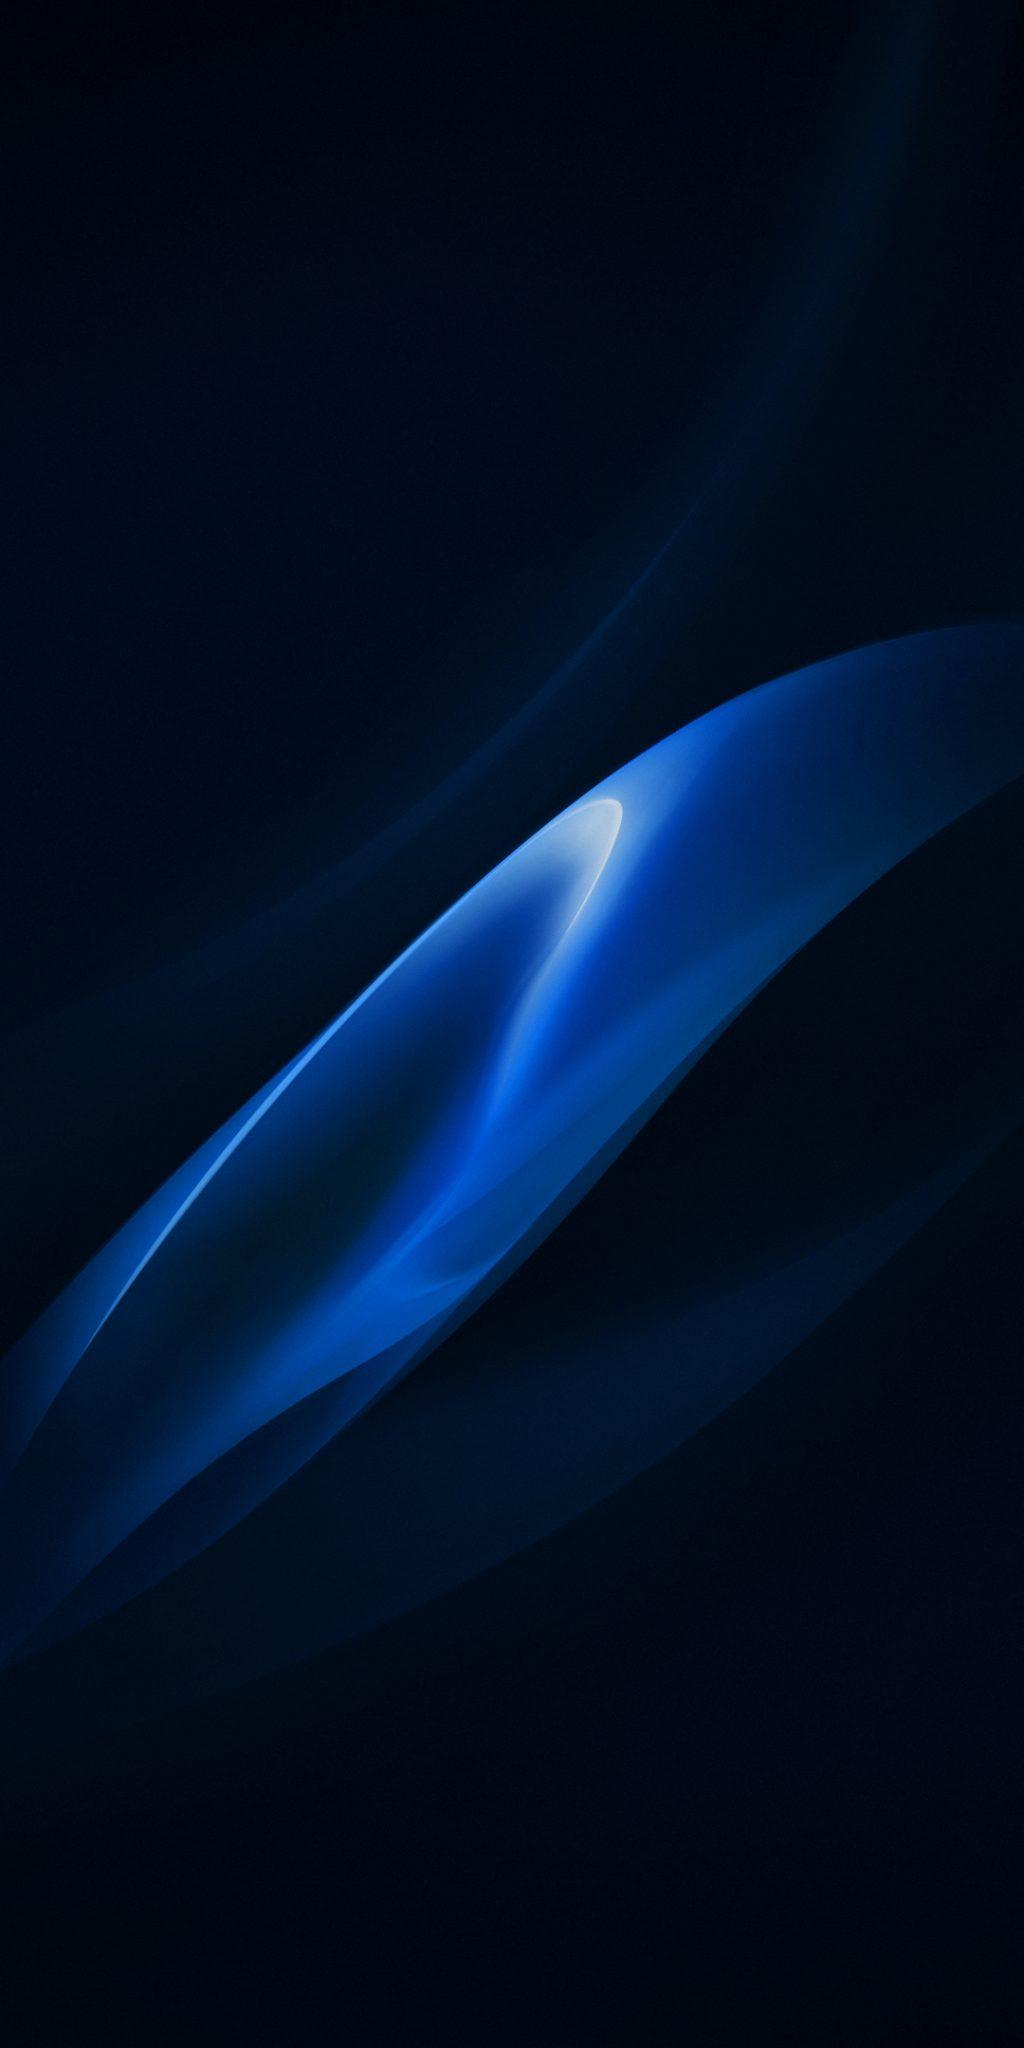 Oppo-Realme-Wall-TechFoogle-04